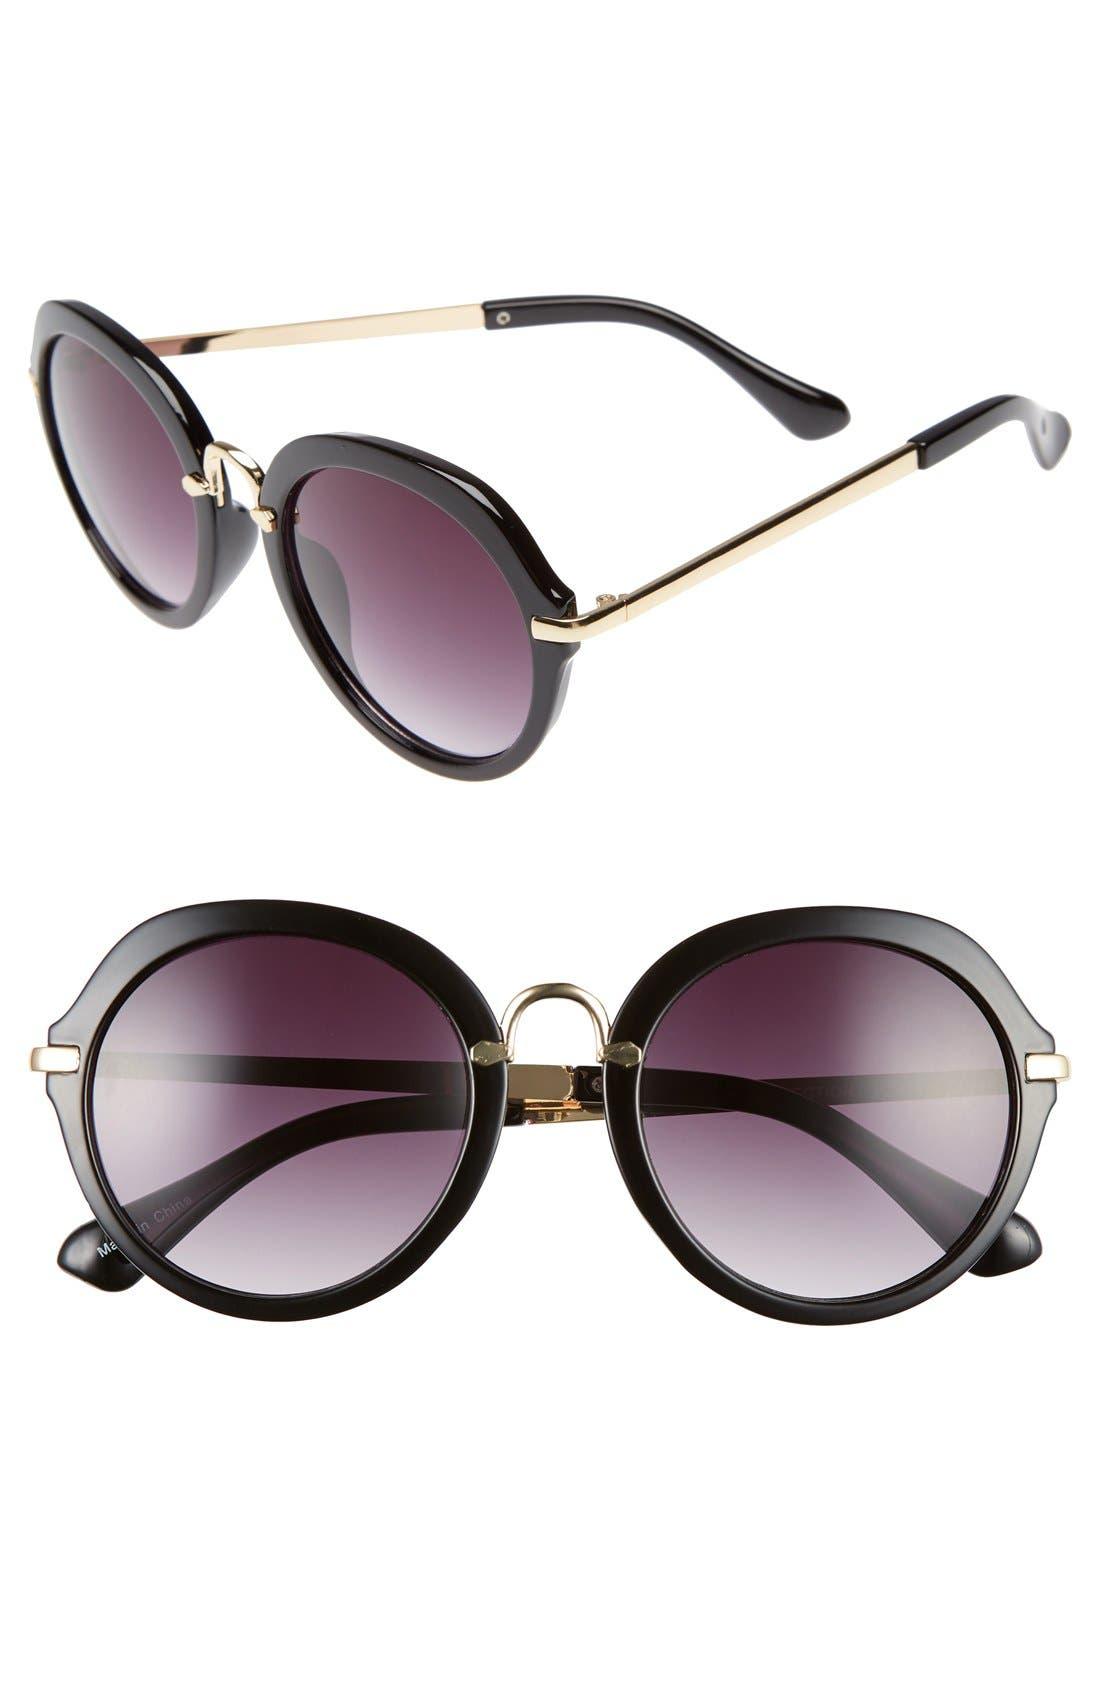 Main Image - BP. 52mm Round Sunglasses